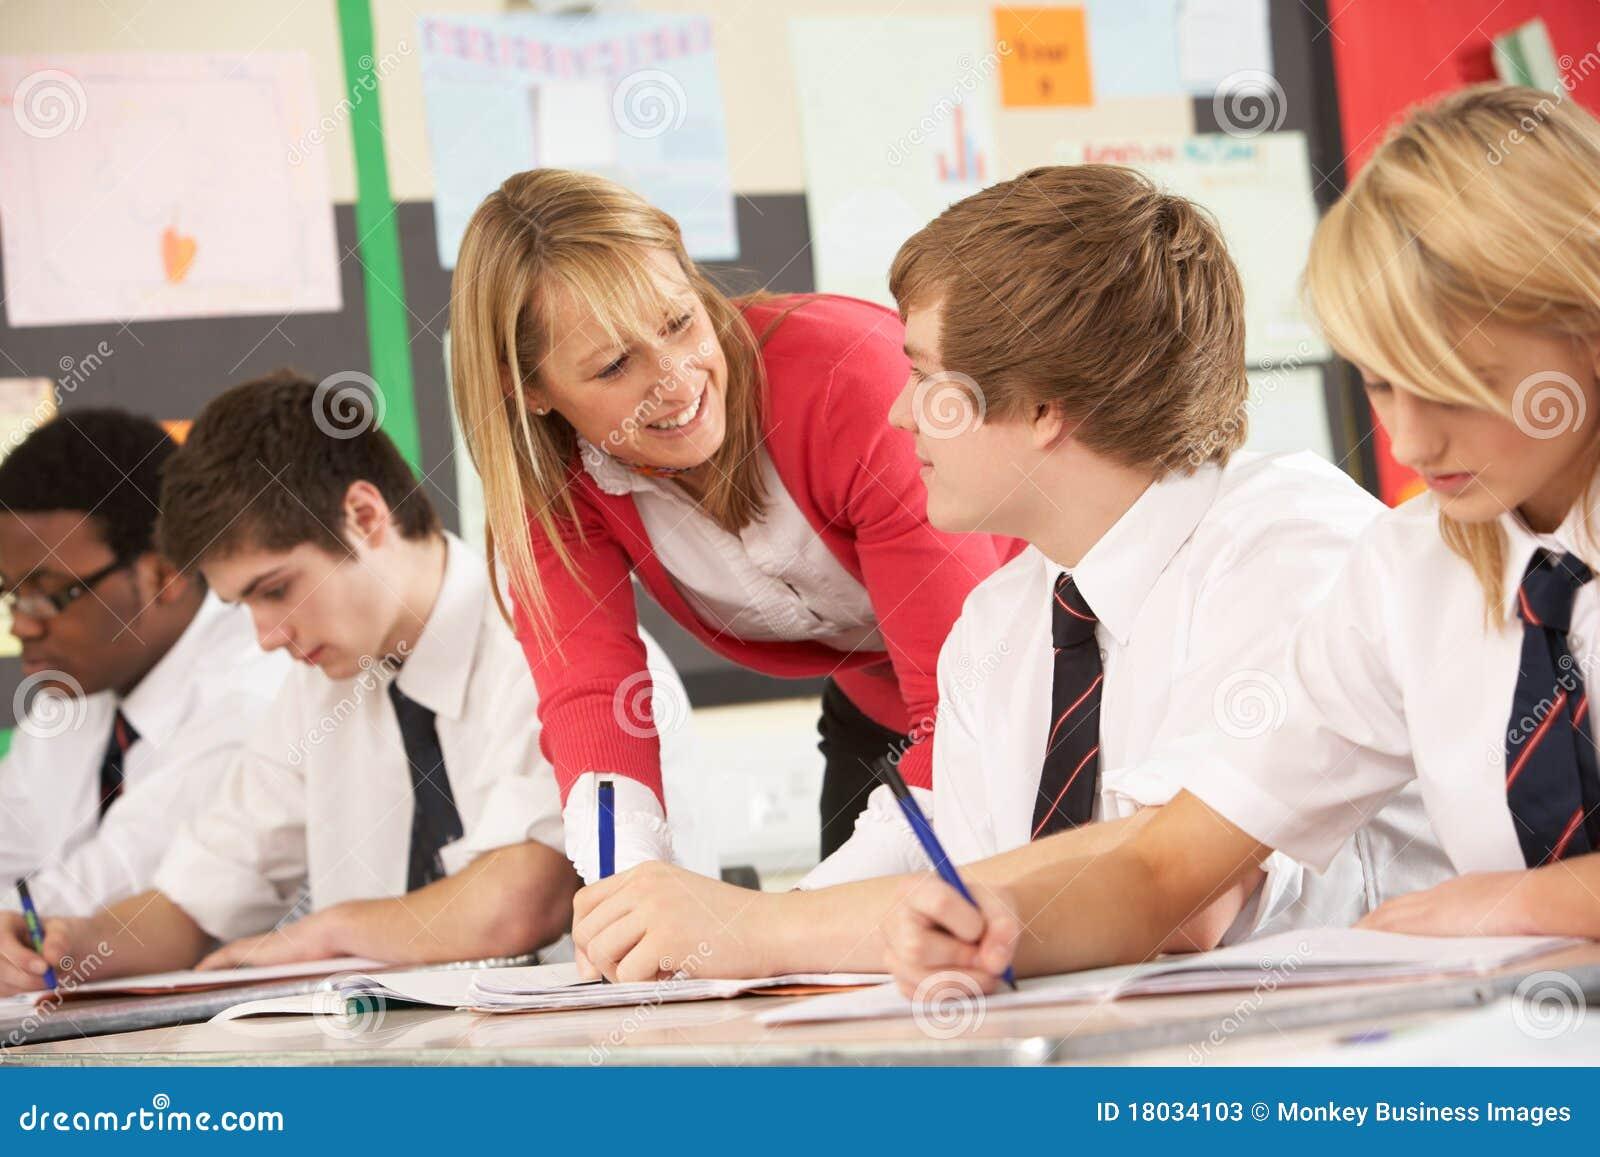 Студентки с учителями 16 фотография